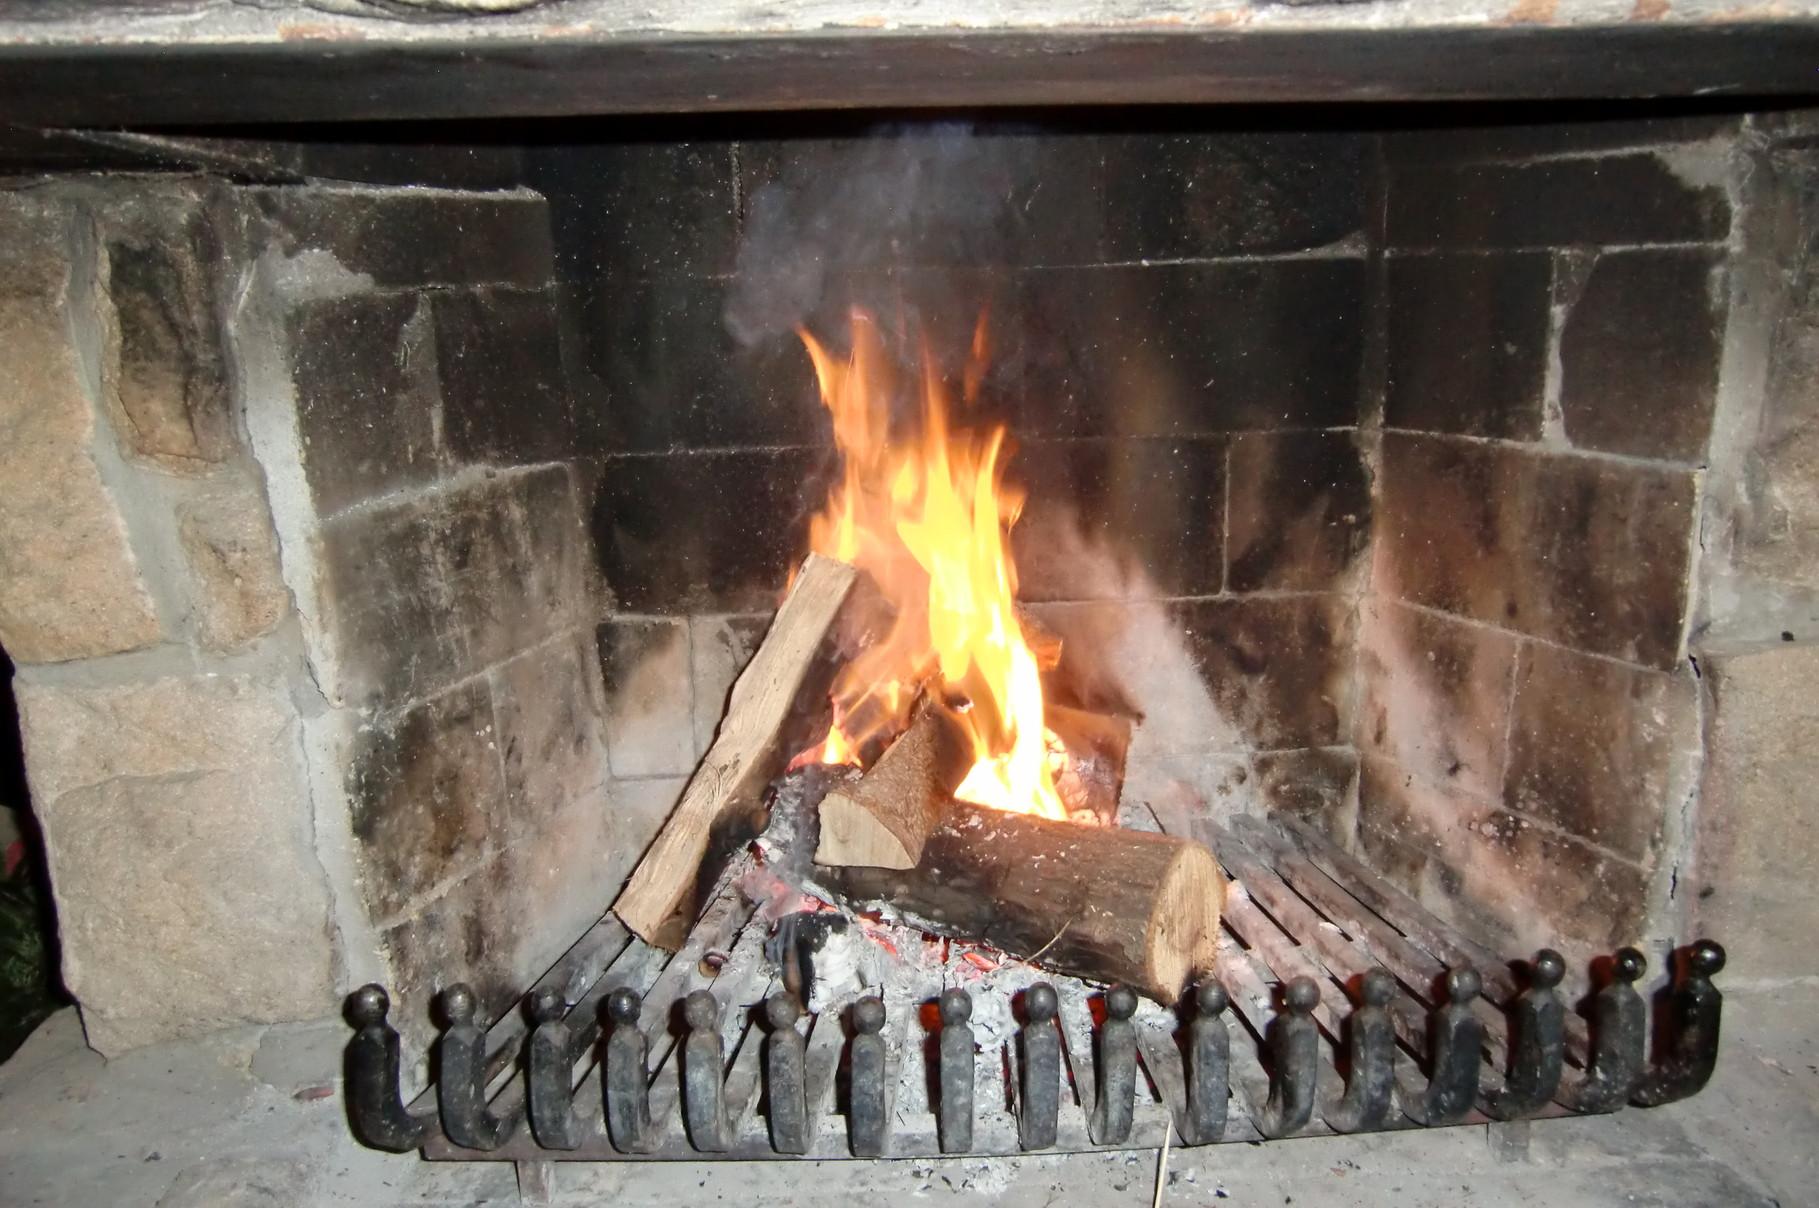 Das Feuer im Kamin bringt heimelige Wärme